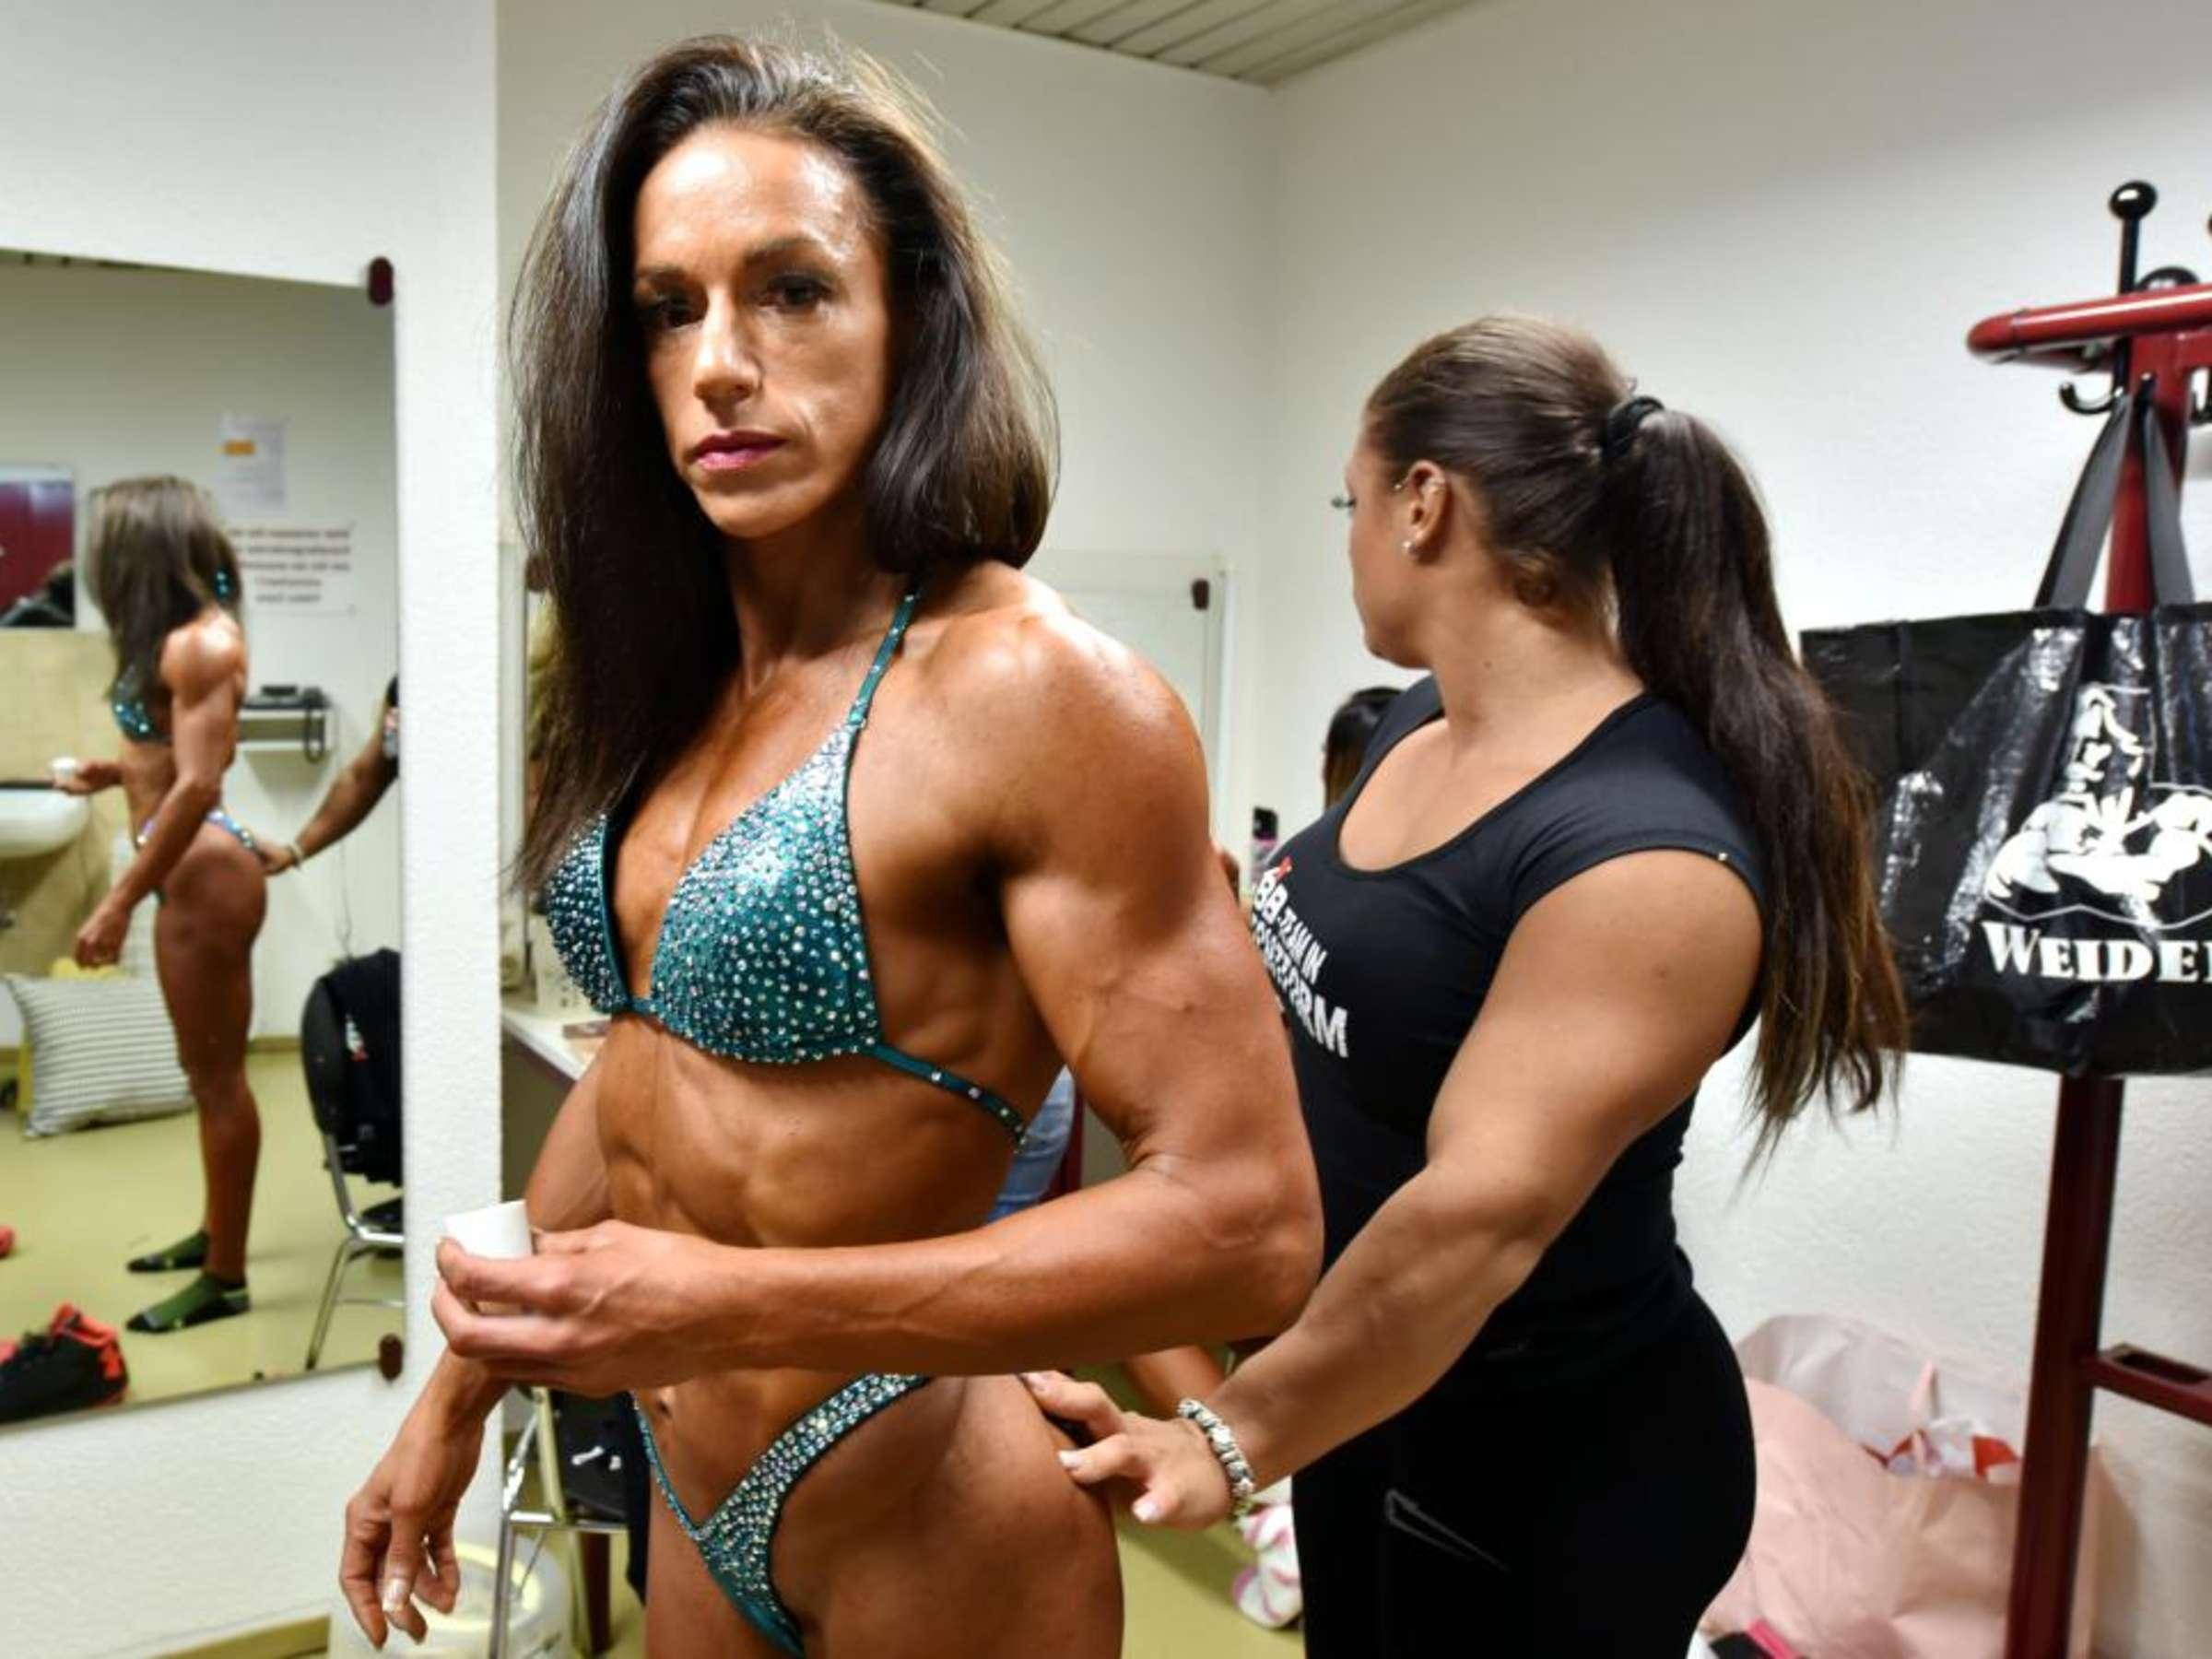 Schön bodybuilder frau Eine Einführung